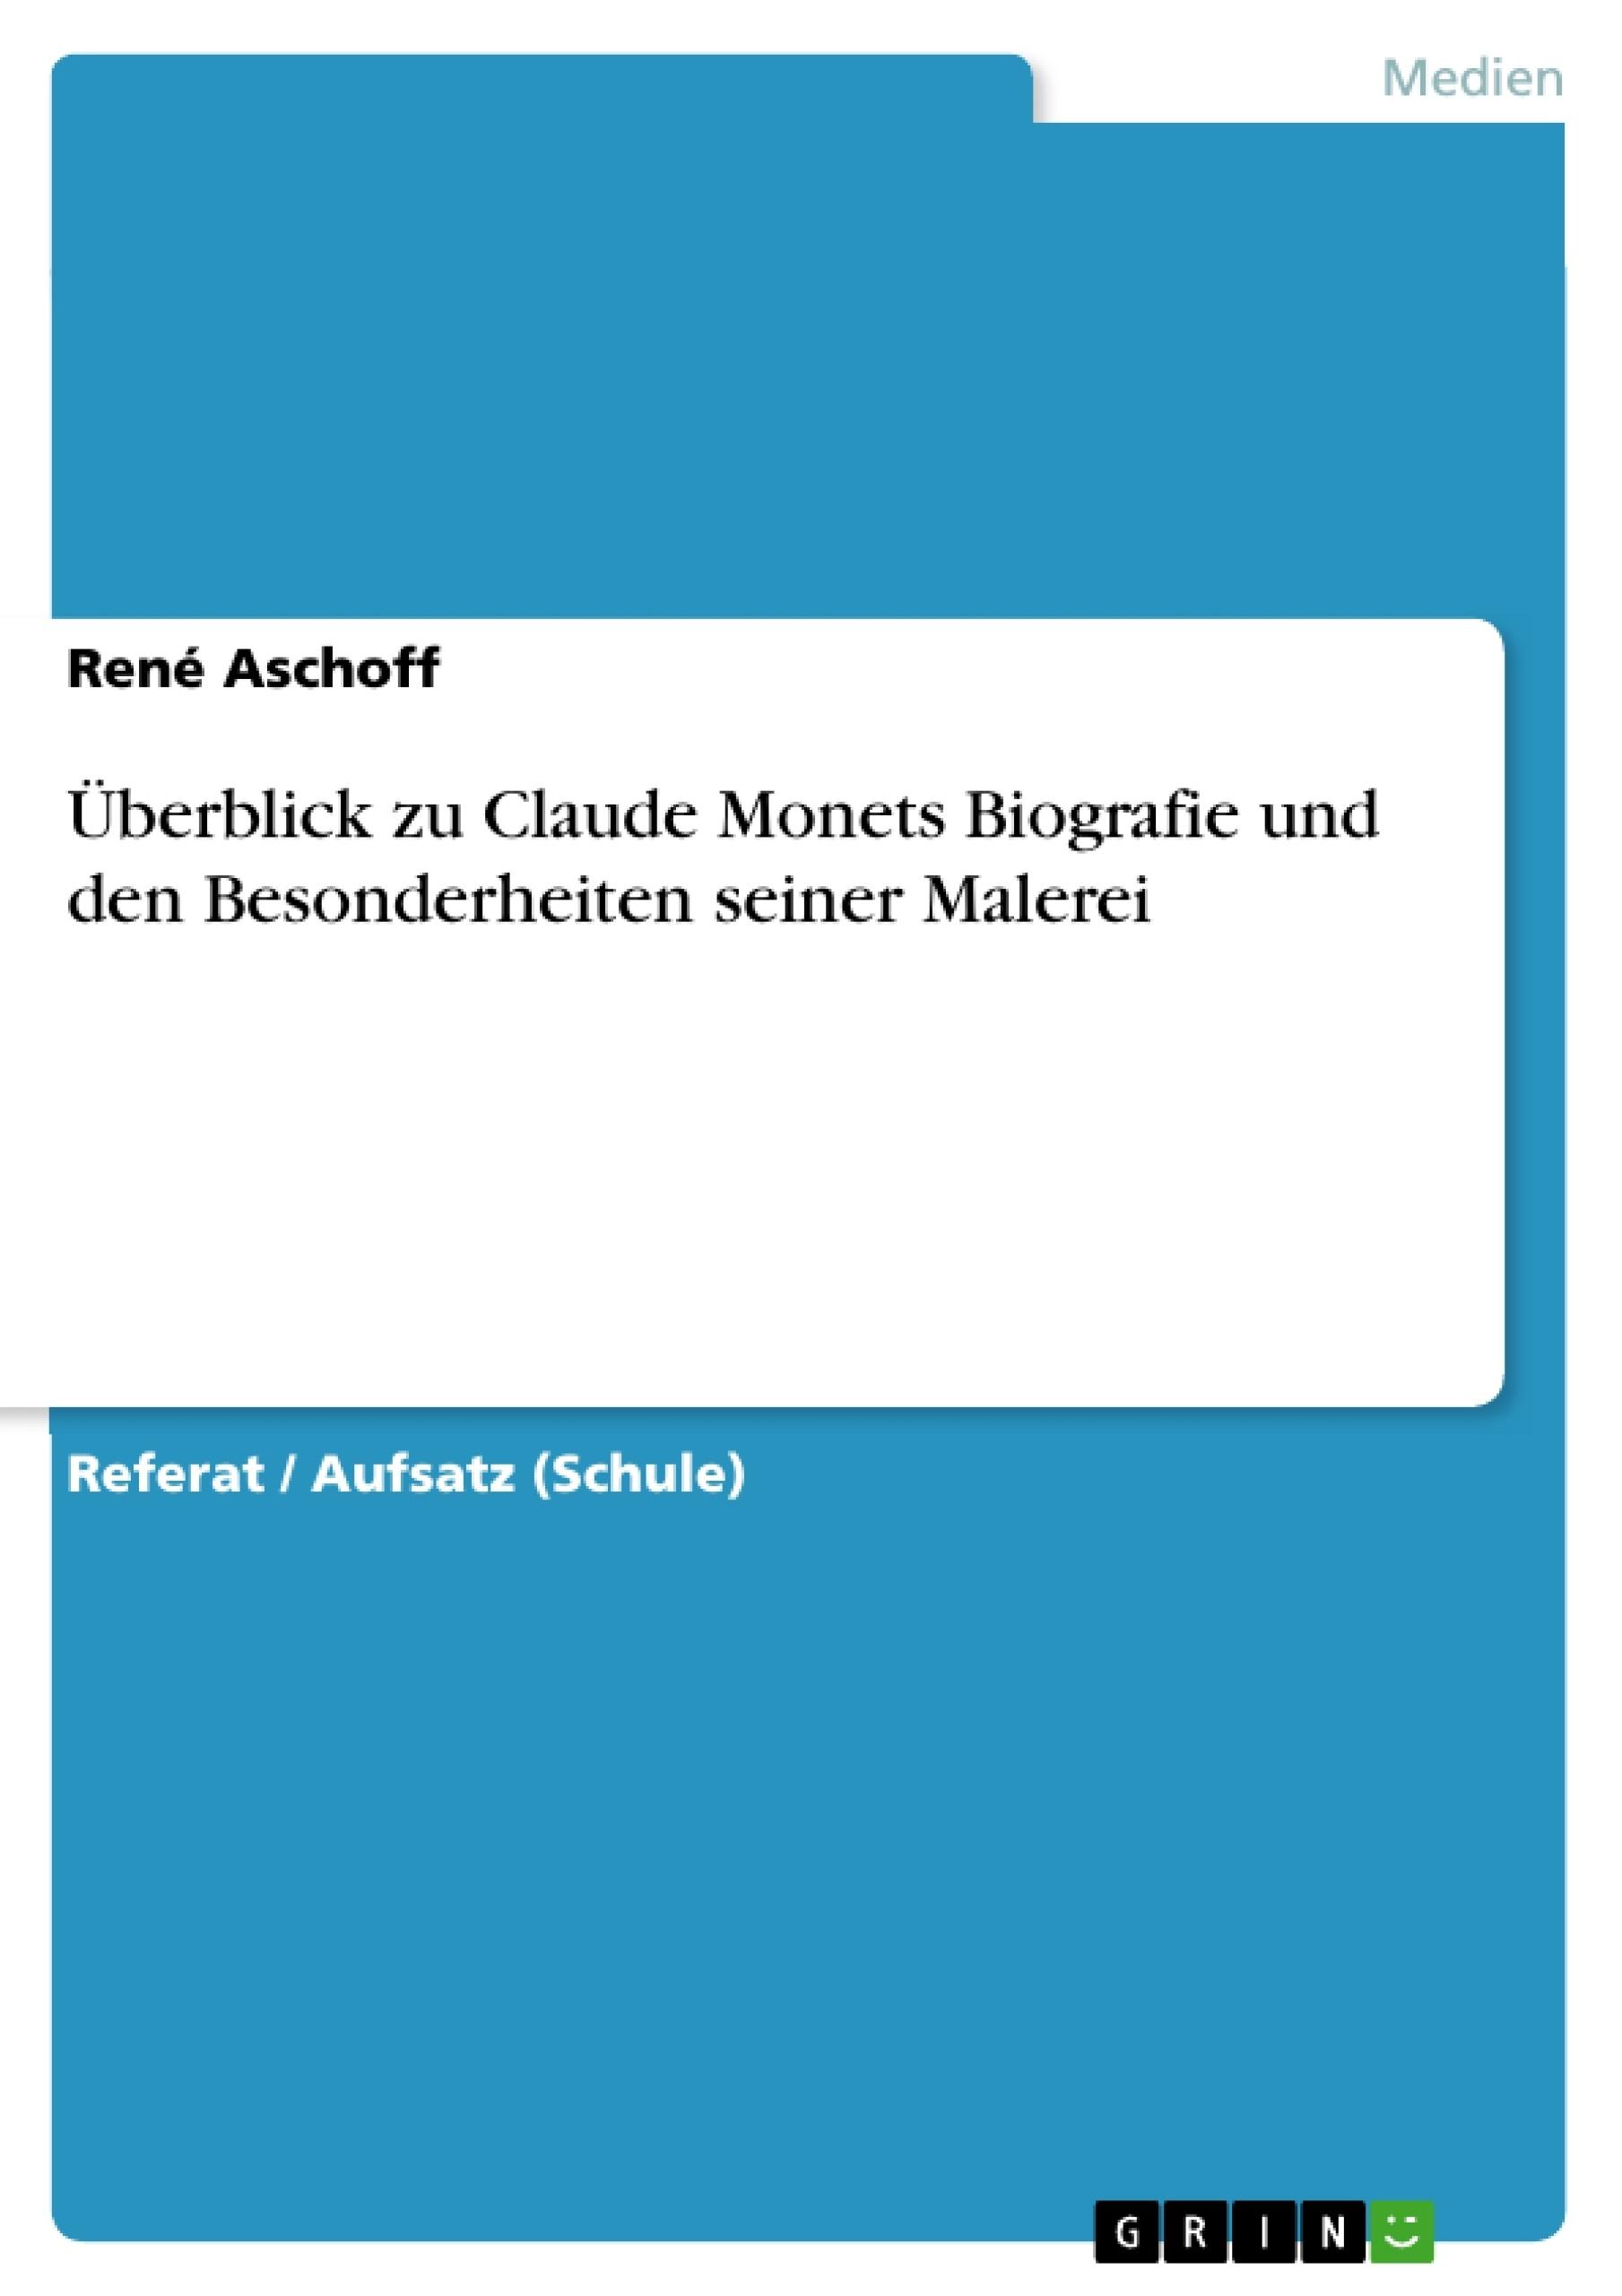 Titel: Überblick zu Claude Monets Biografie und den Besonderheiten seiner Malerei